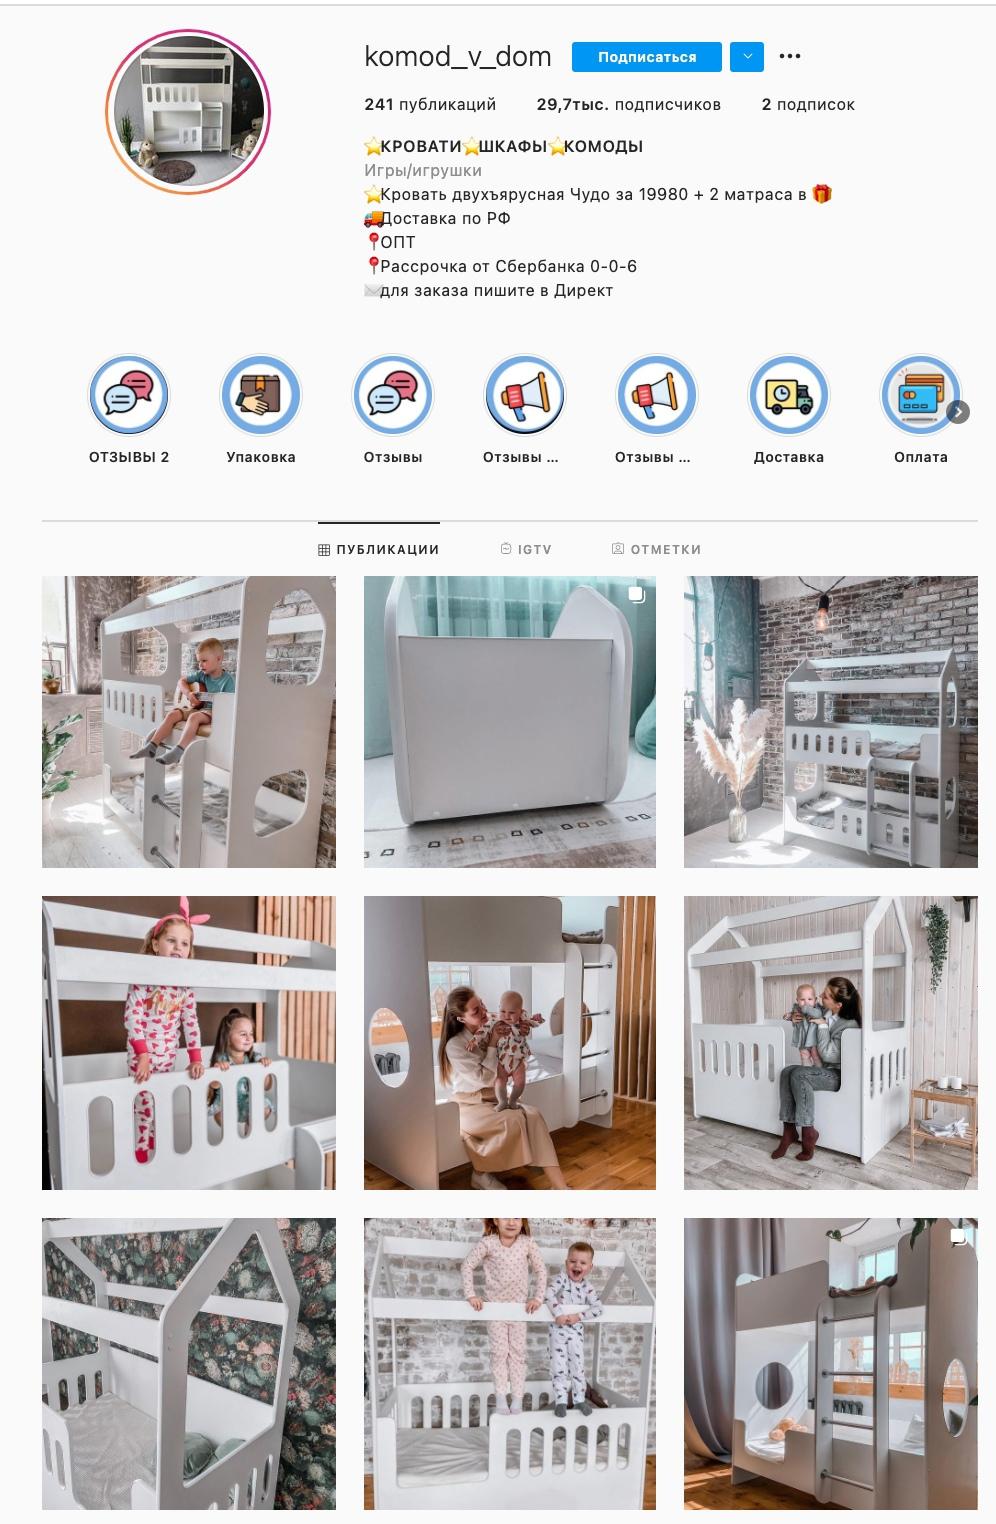 29 061 лидов для интернет магазина детских кроватей за 7 месяцев, изображение №20